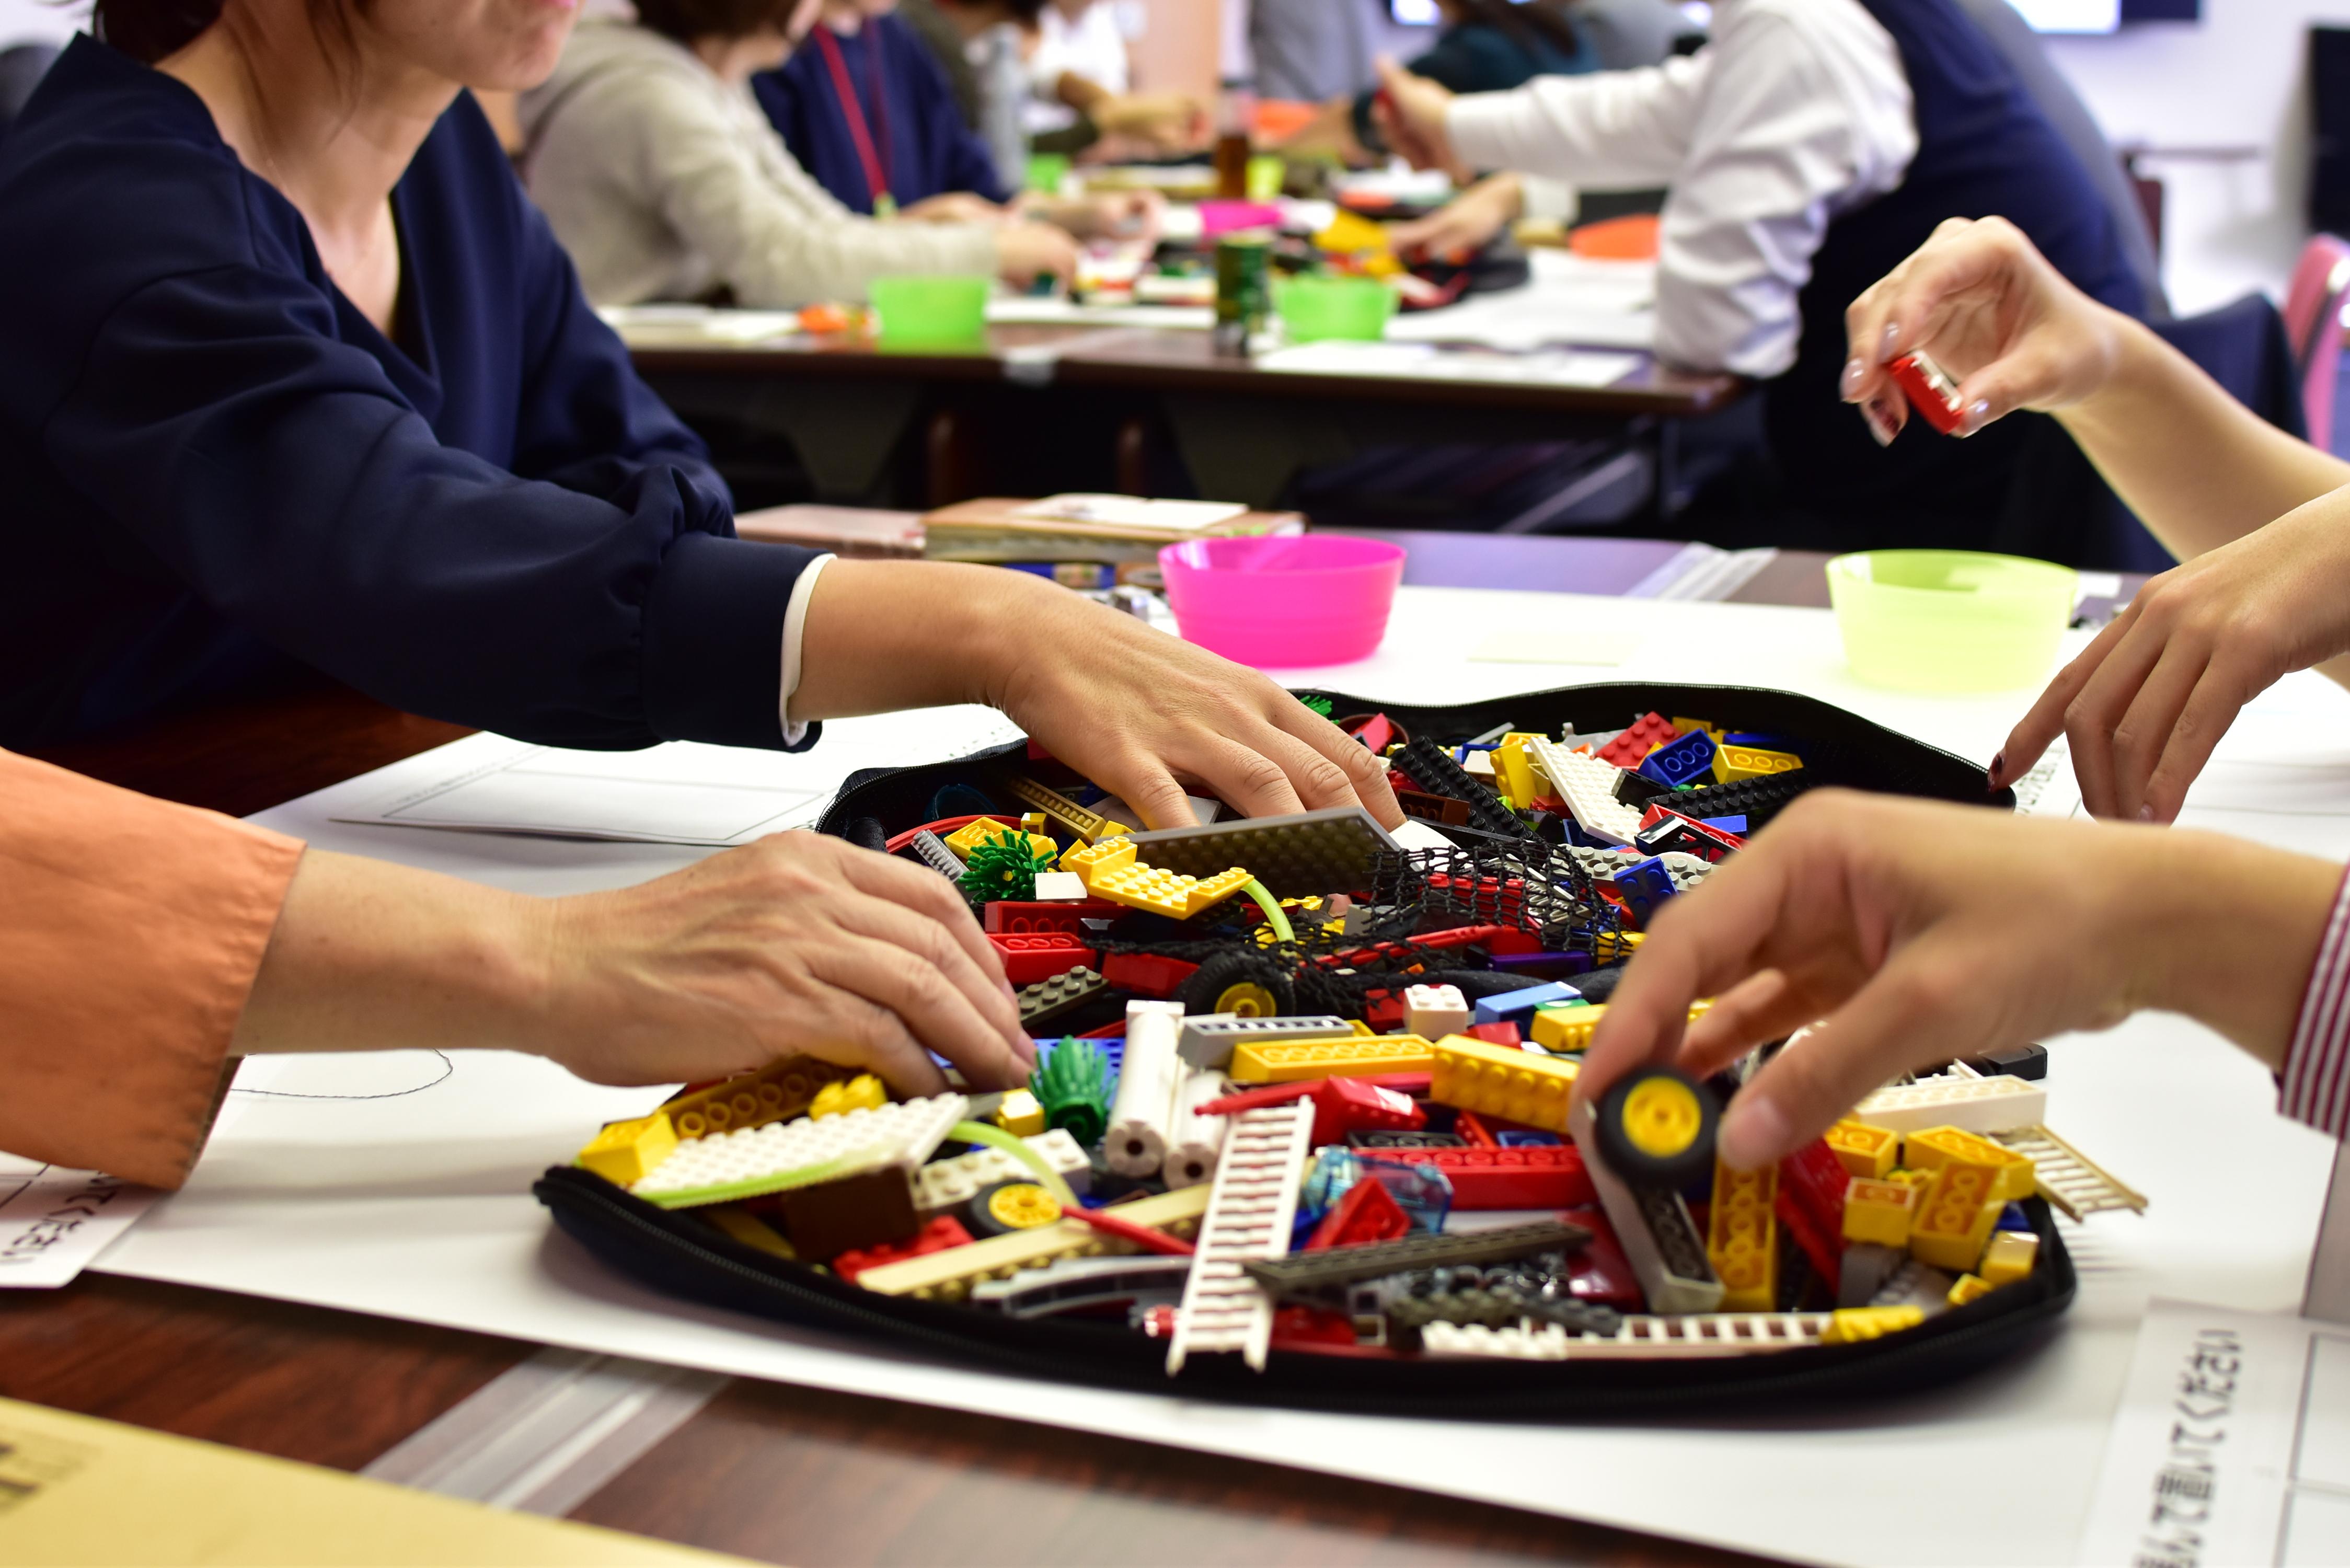 状況を俯瞰して捉え、言語化しにくい考えを伝え合う、レゴ®ワークショップ│働き方改革セミナーレポート[後編]